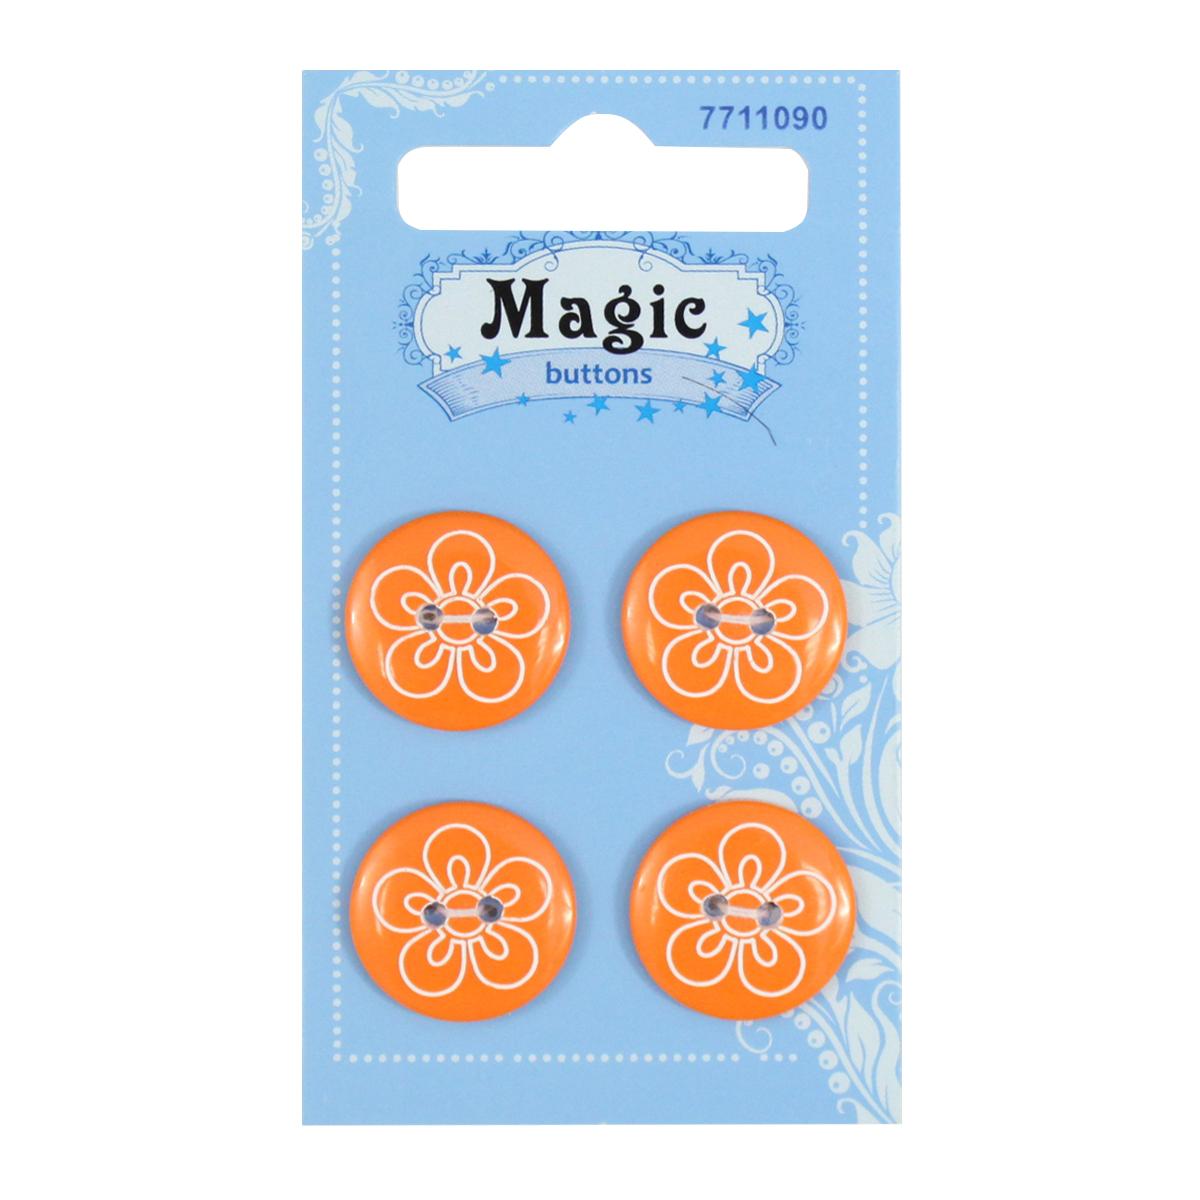 Пуговицы декоративные Magic Buttons Цветок, 4 шт7711090Яркие пуговицы бренда Magic Buttons восхищают разнообразием стилей и цветов. Они станут отличным дополнением в качестве завершающего штриха на одежде, кроме того их можно использовать в скрапбуинге, создавать с помощью них интересные открытки, подарочные конверты и многое, многое другое.